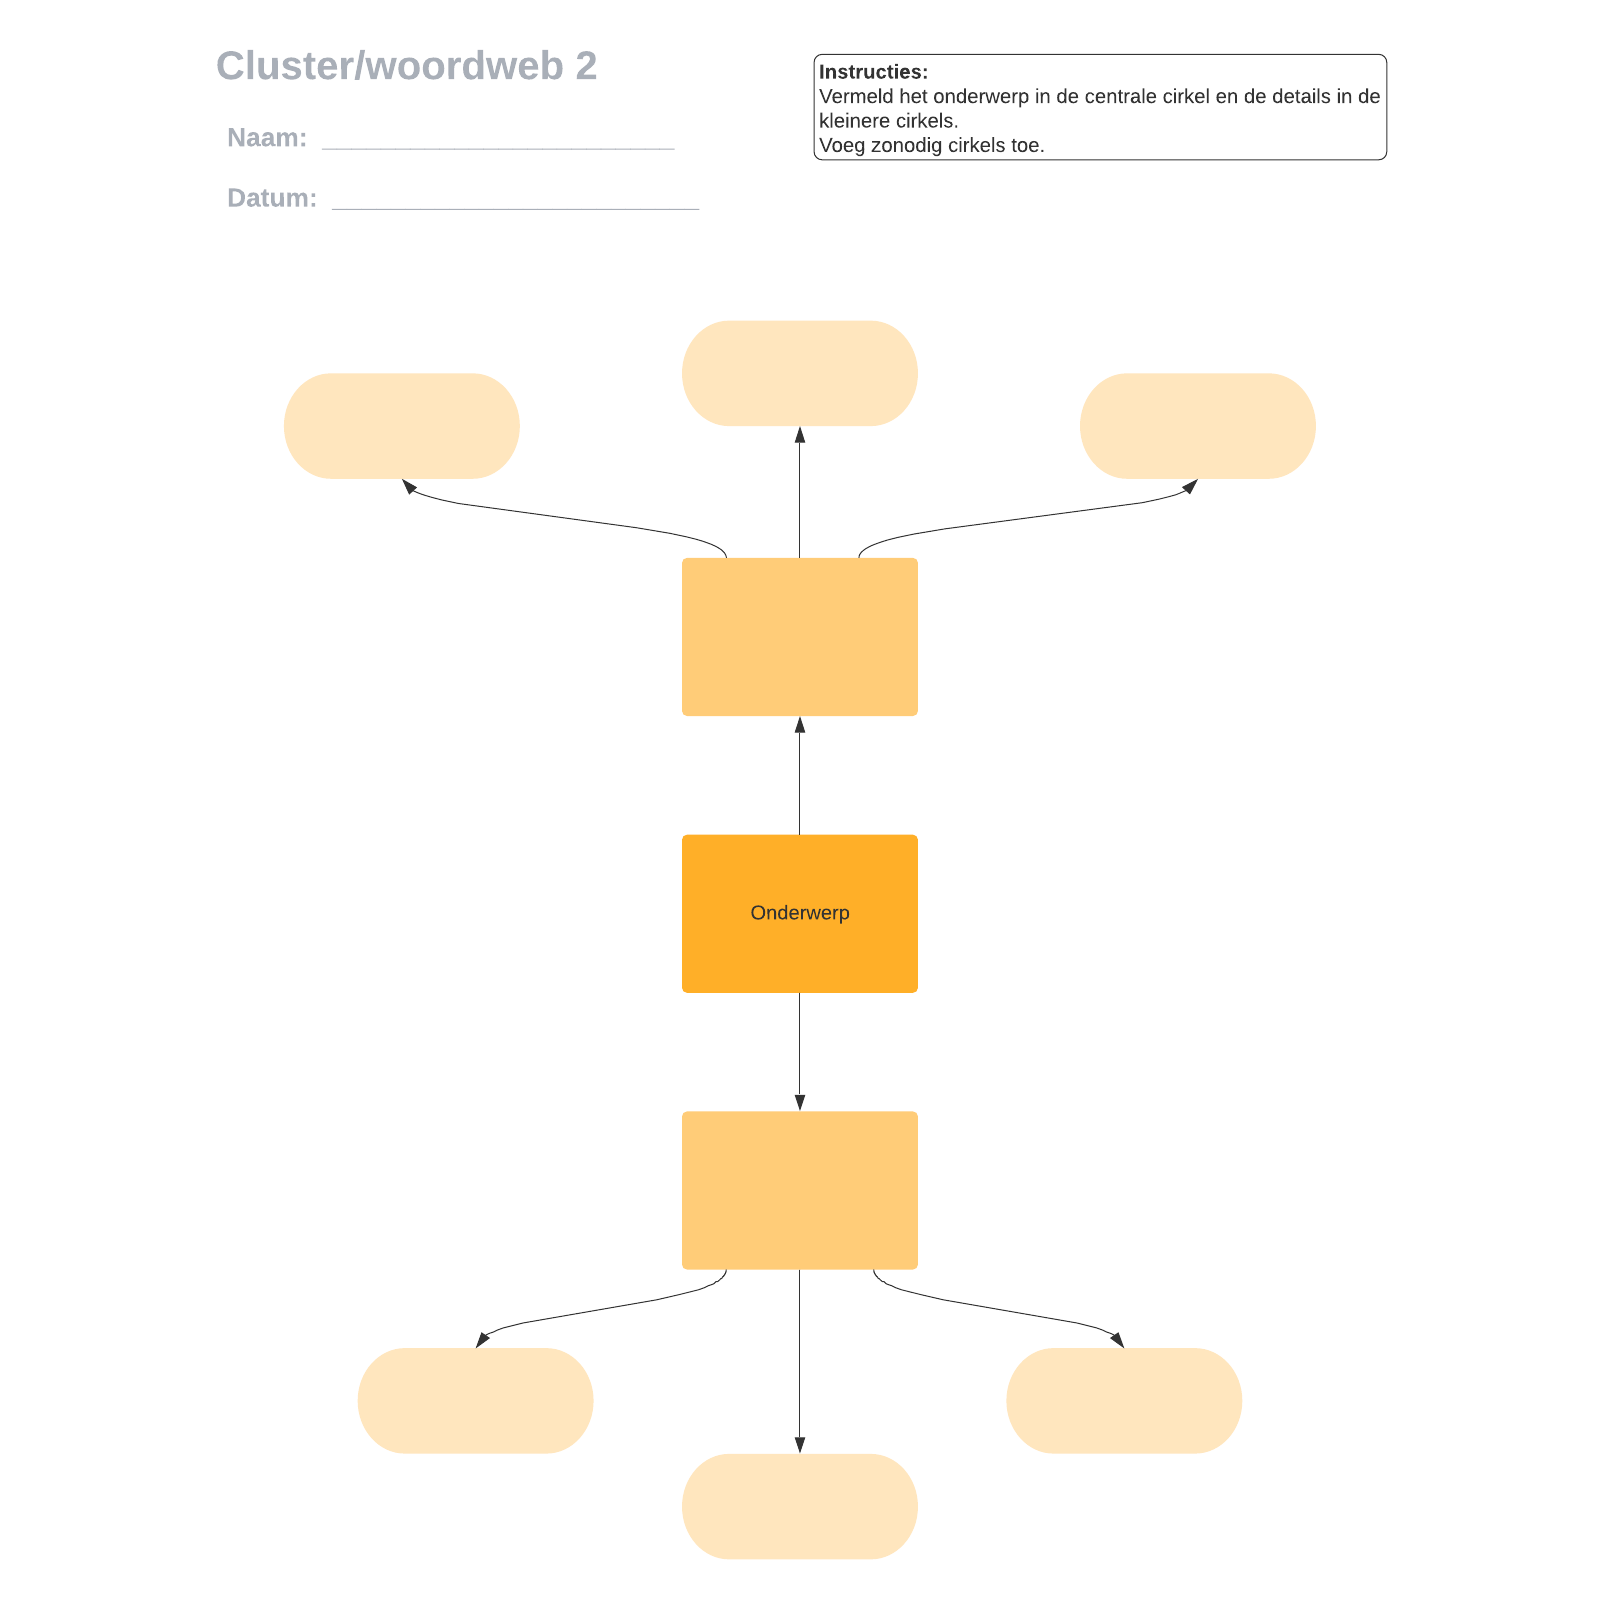 Cluster/woordweb 2